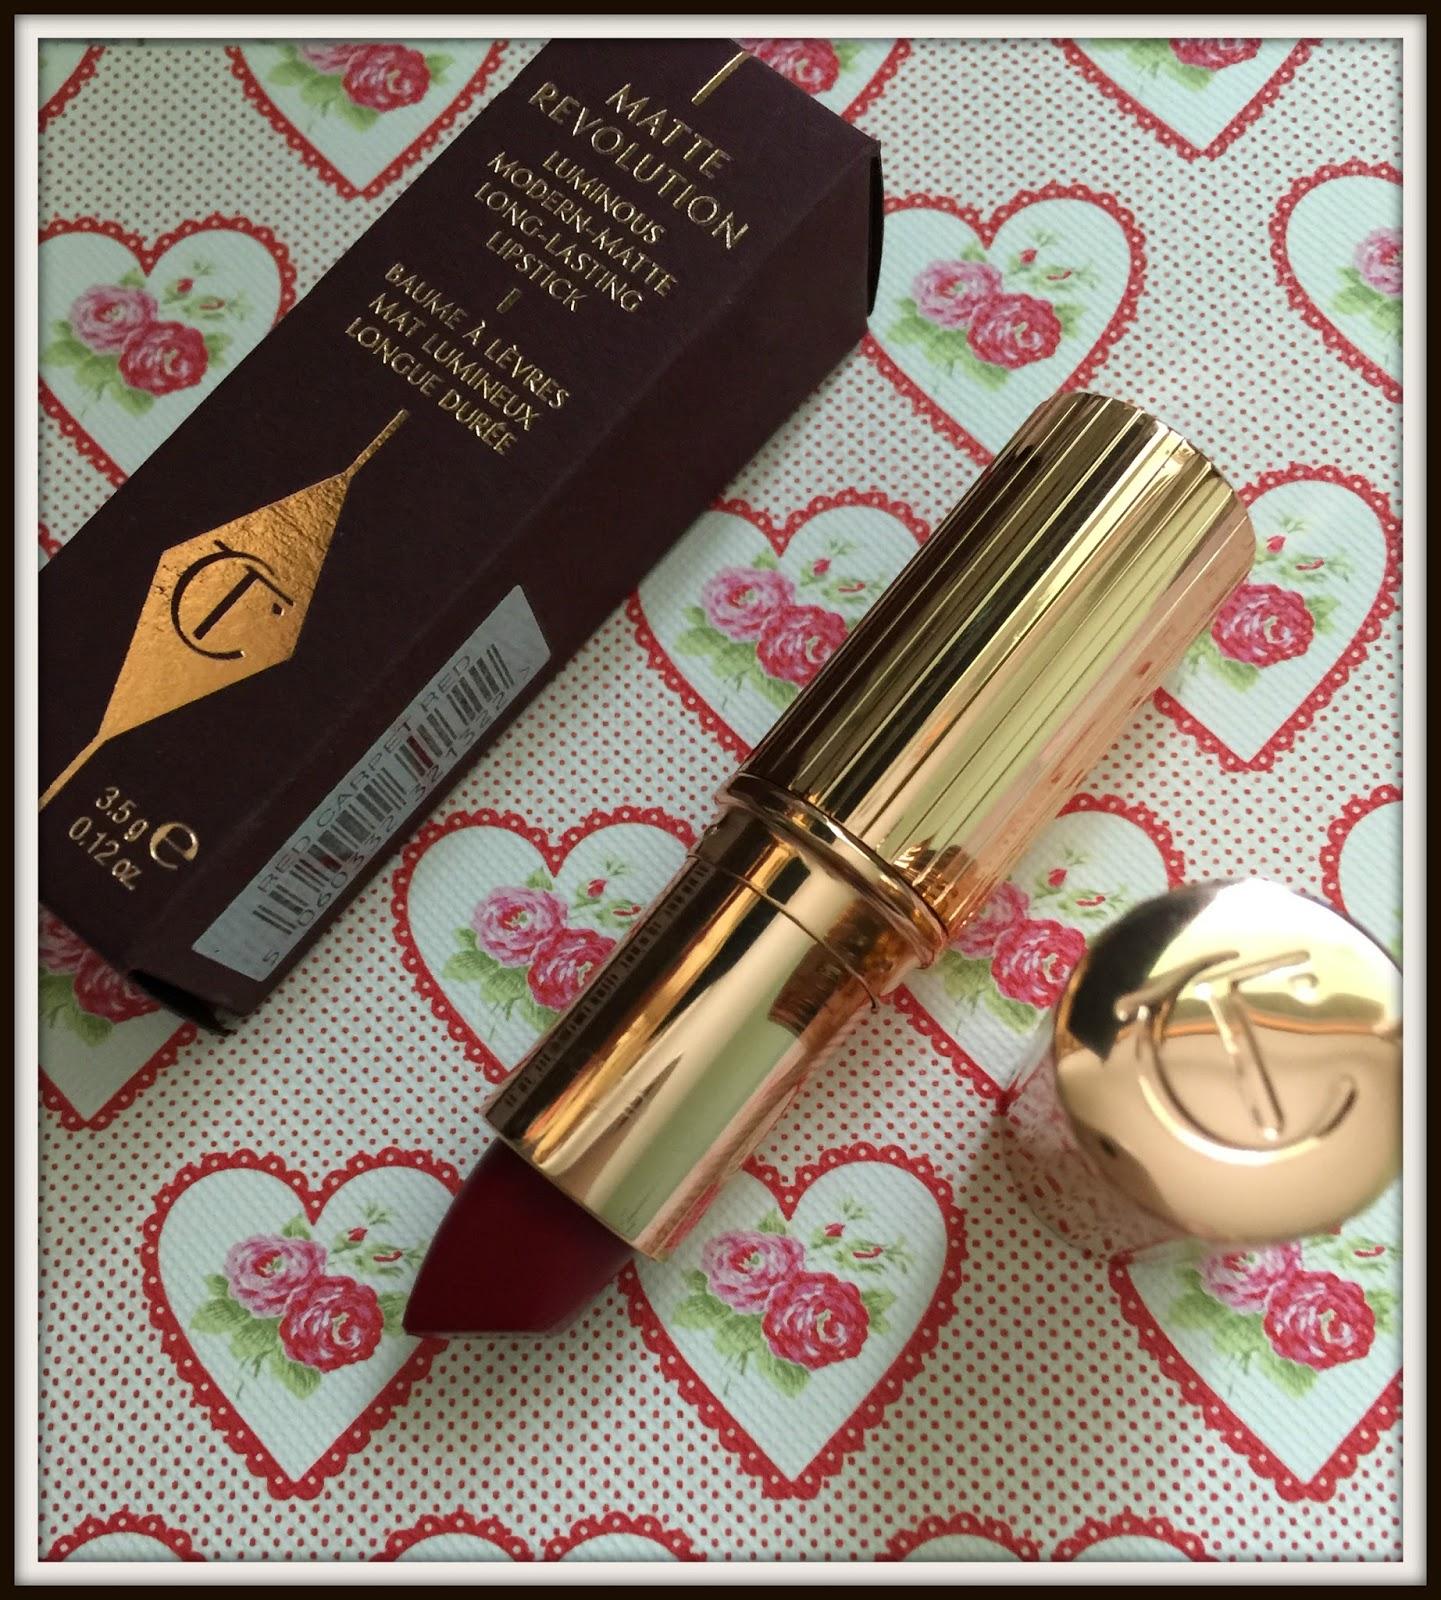 Charlotte Tilbury Matte Modern Revolution Lipstick In Red